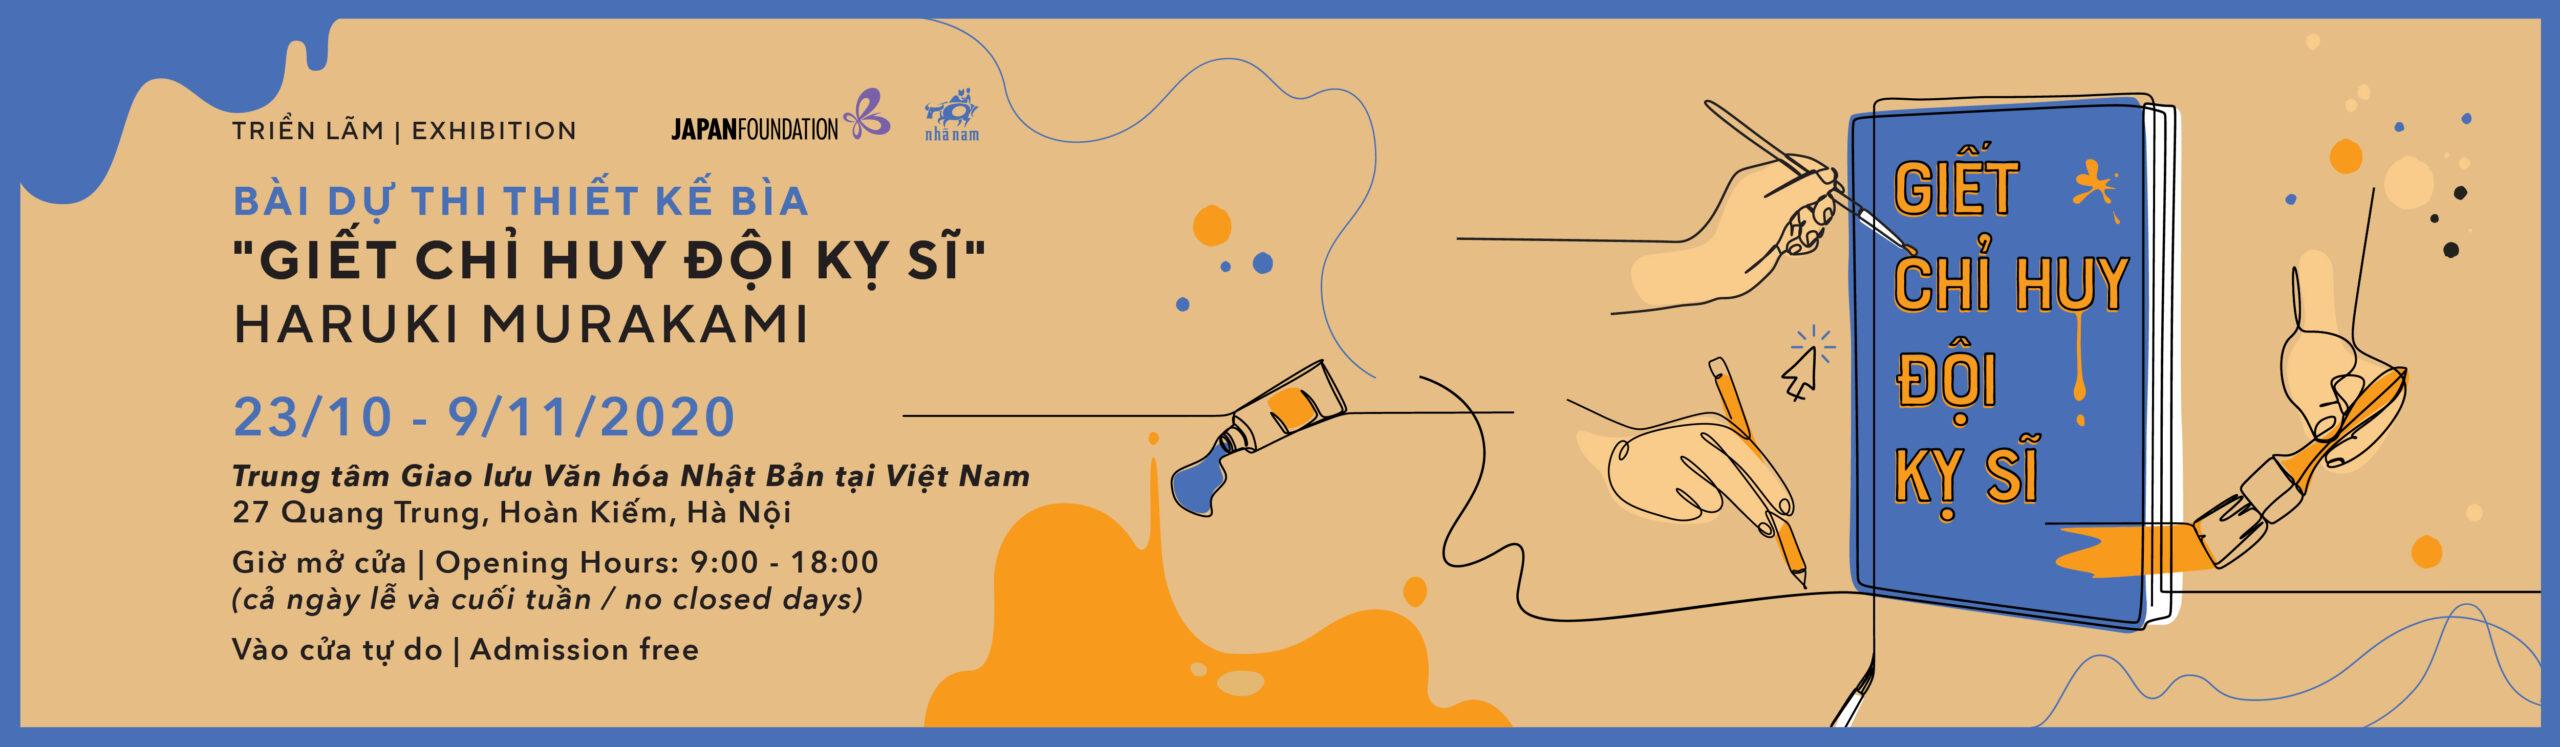 """(Hà Nội) TRIỂN LÃM BÀI DỰ THI THIẾT KẾ BÌA, """"GIẾT CHỈ HUY ĐỘI KỴ SĨ"""" MURAKAMI HARUKI"""